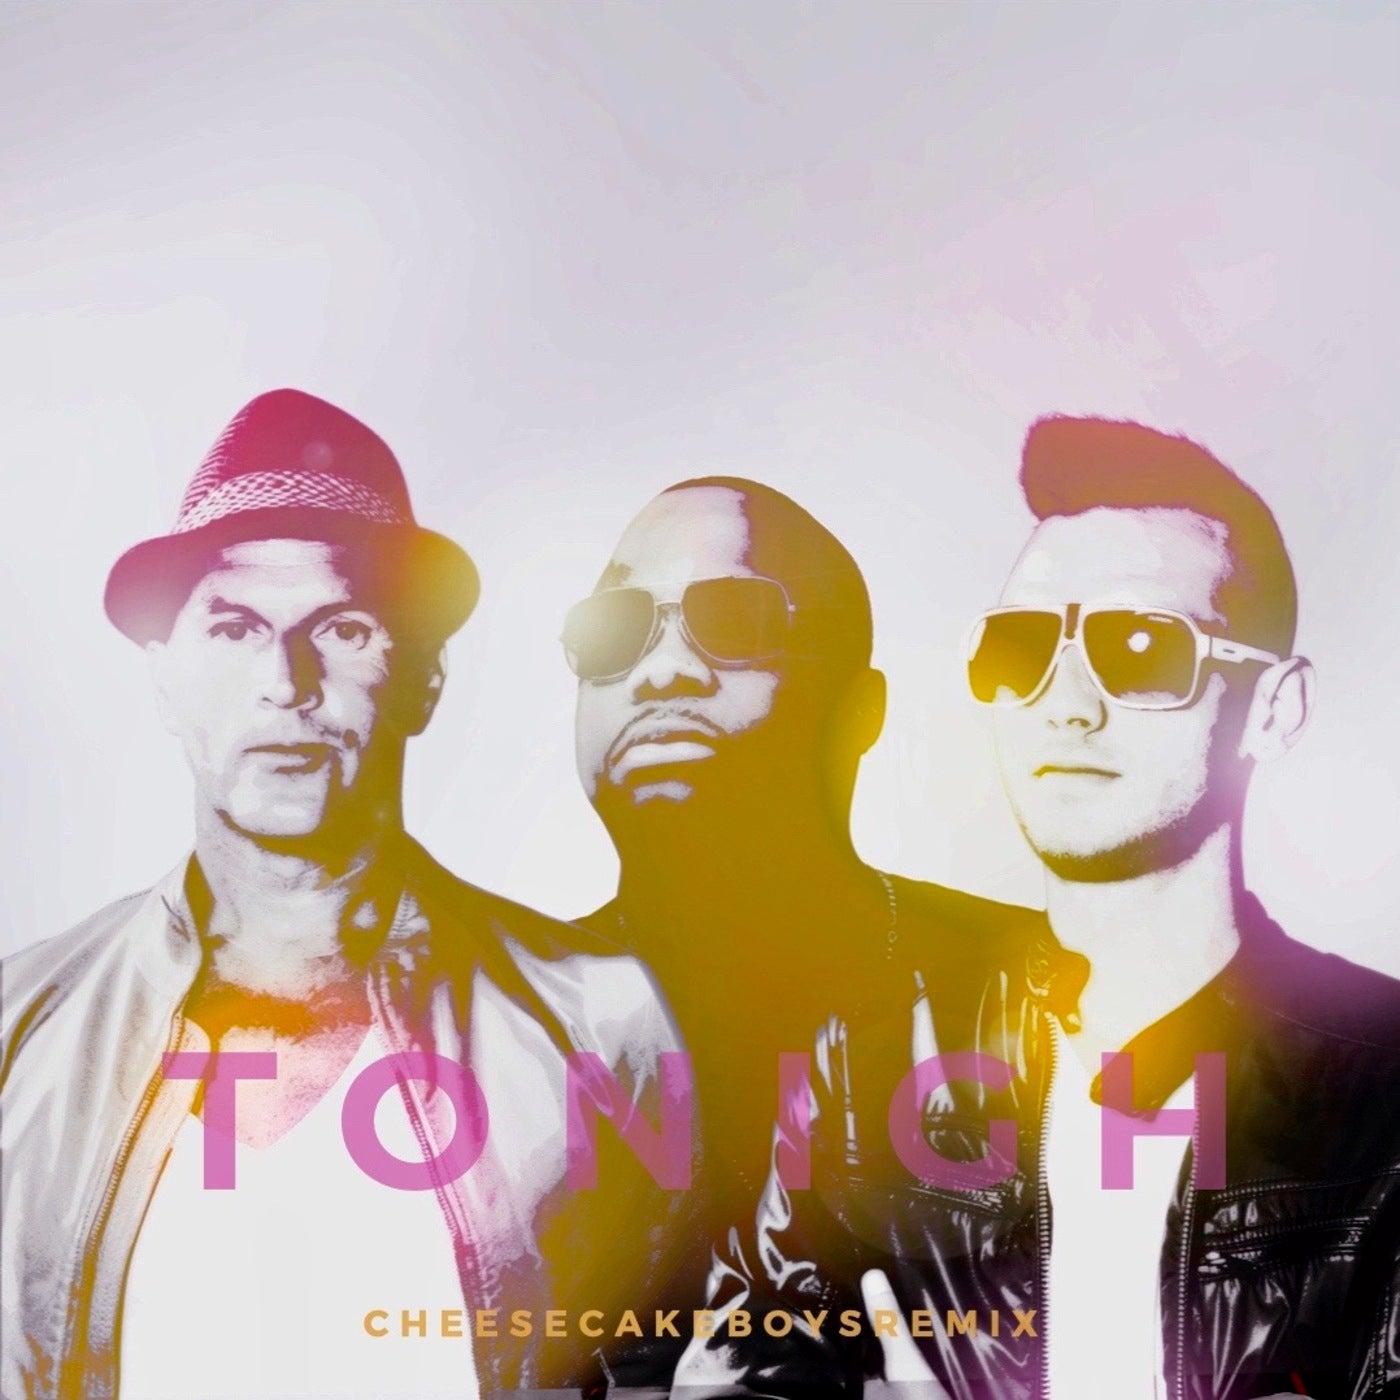 Tonight (Cheesecake Boys Remix)